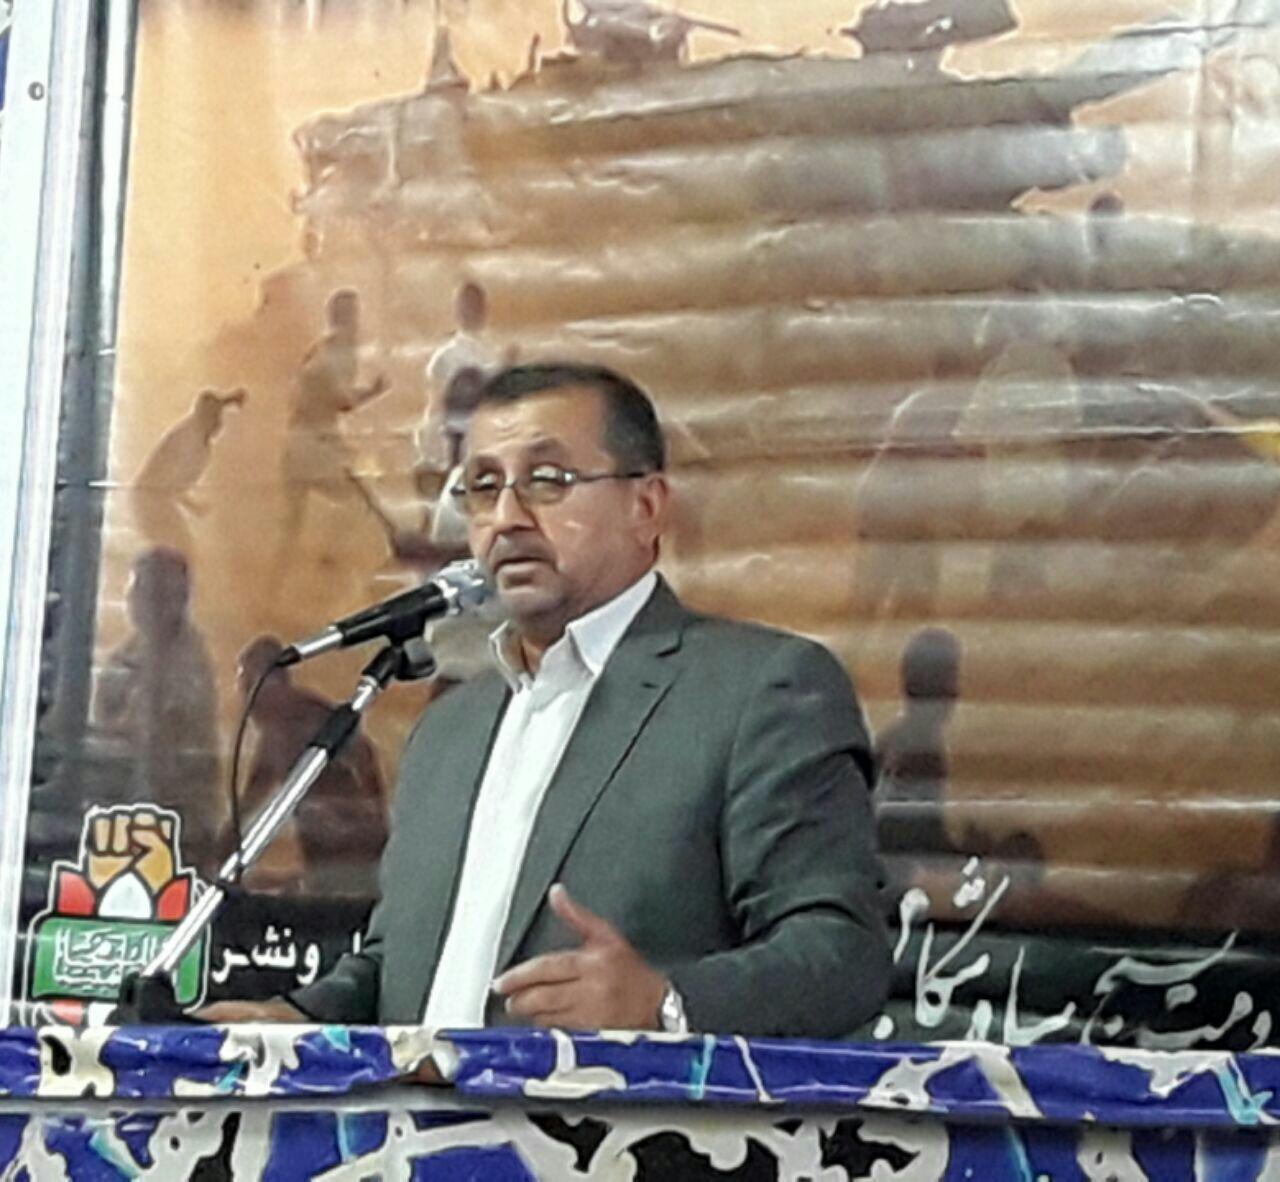 شریعت نژاد : ملت های مظلوم جهان به برکت انقلاب اسلامی در اوج عزت و اقتدار قرار دارند